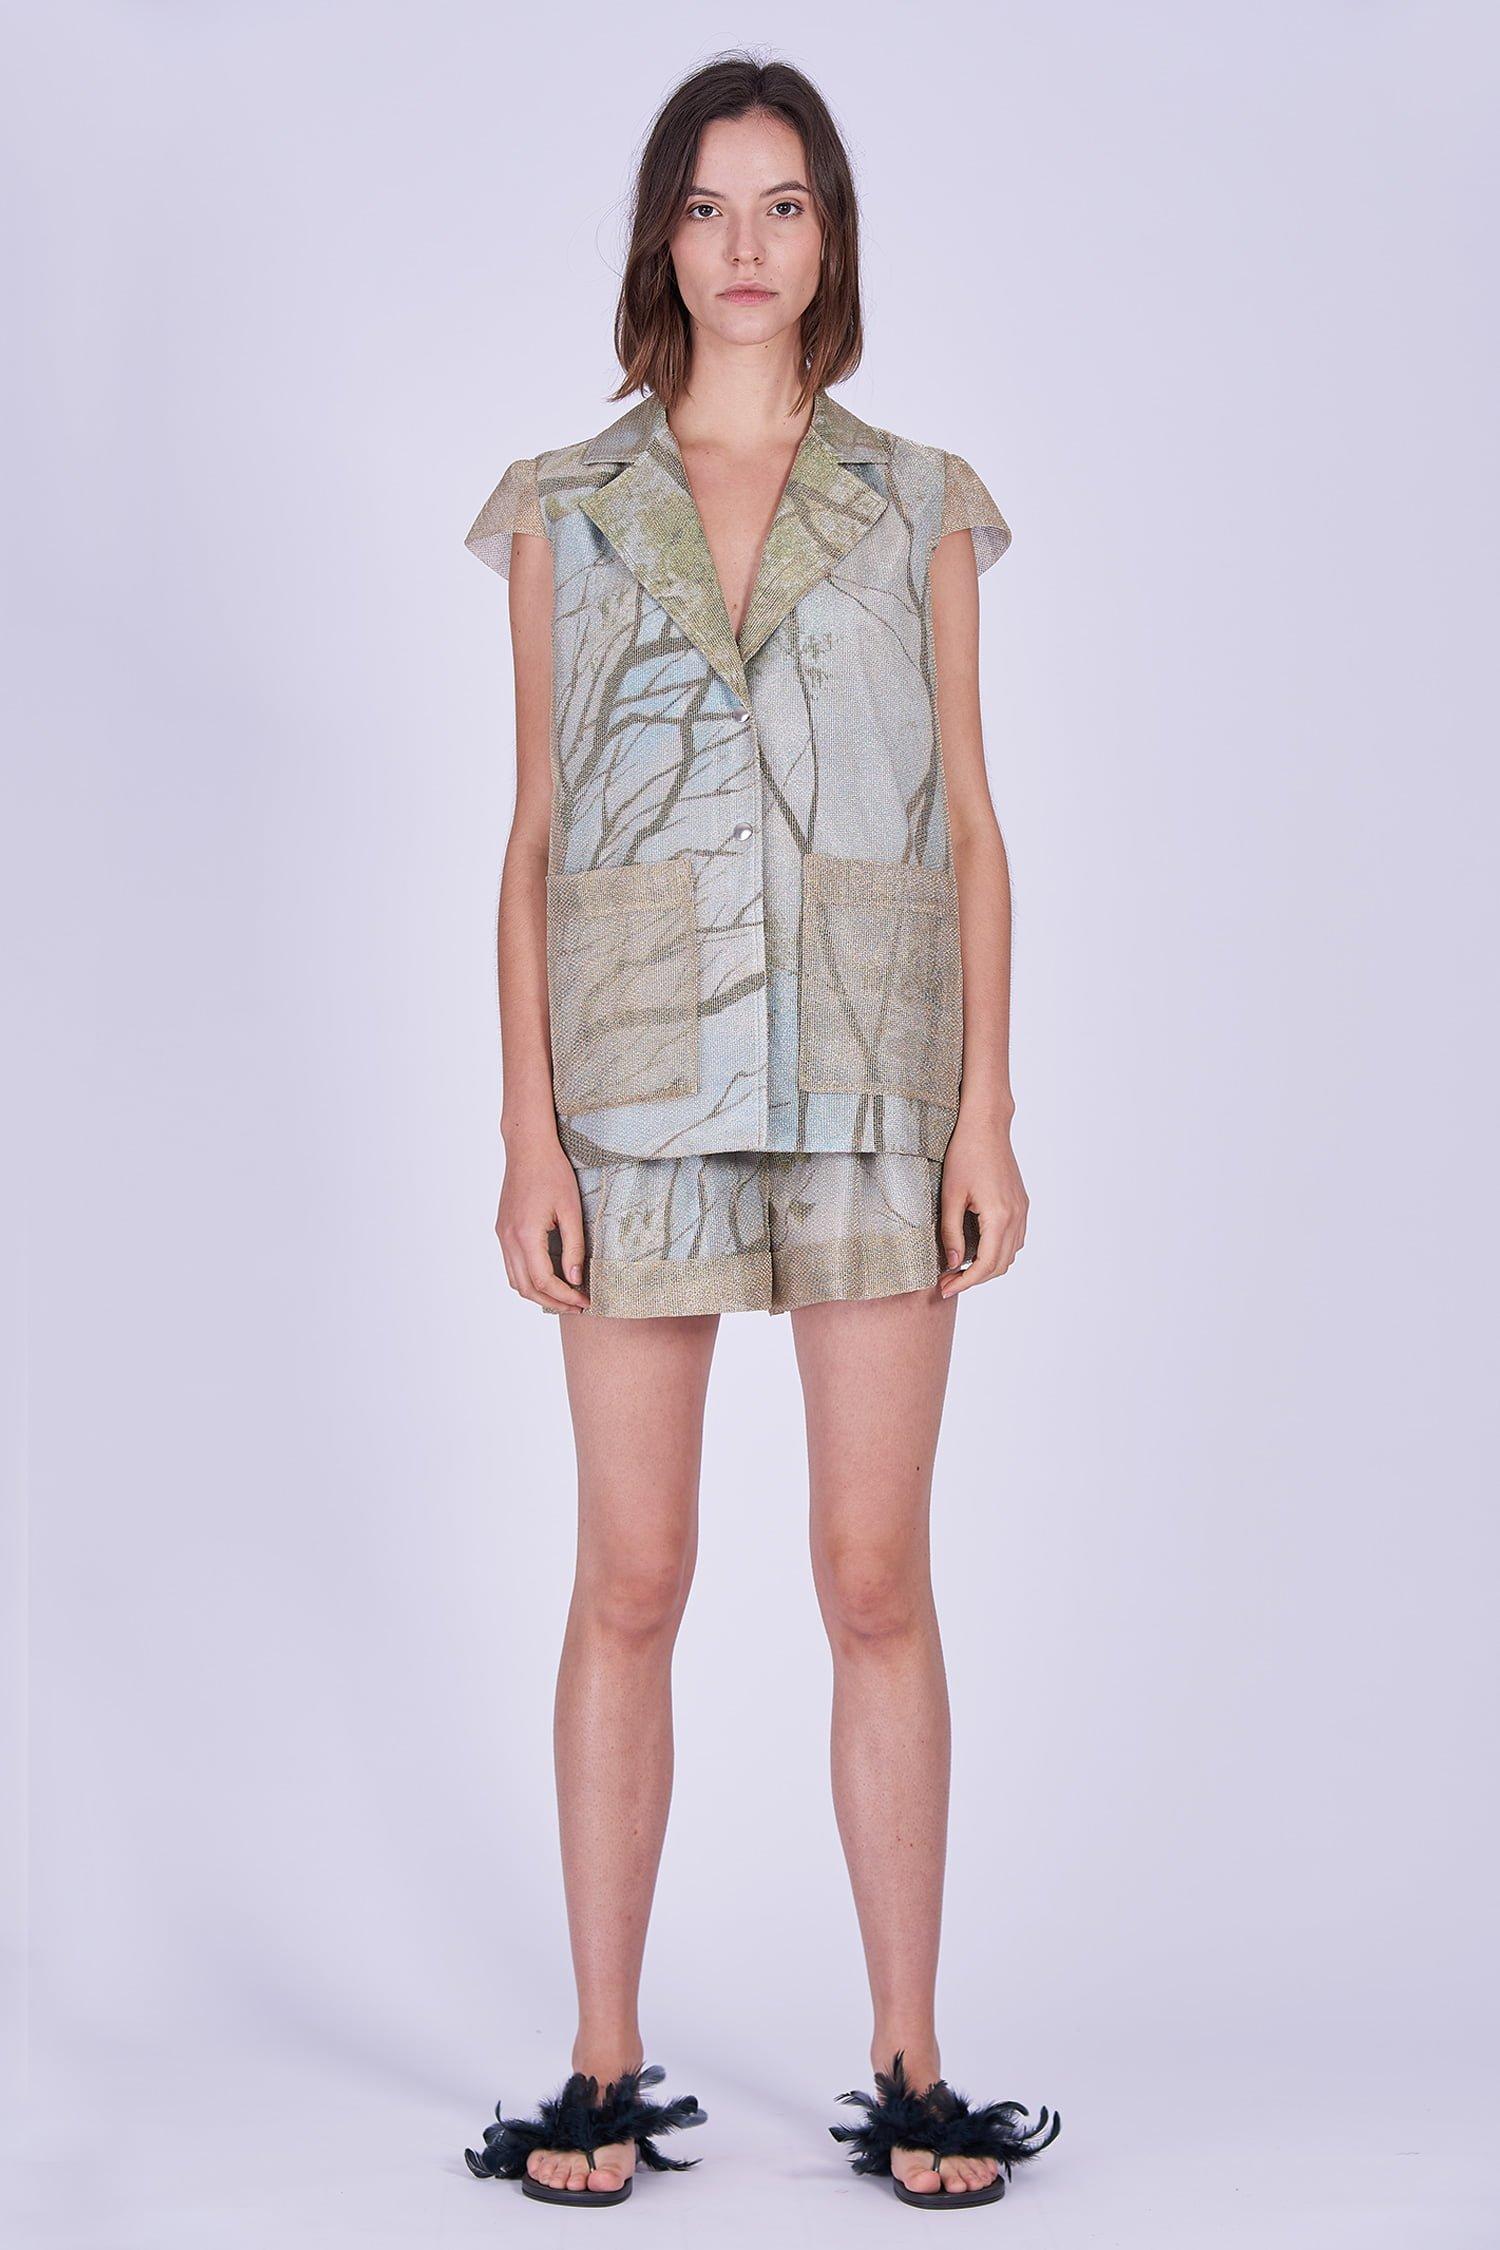 Acephala Ss2020 Gold Jacket Print Shorts Zlota Marynarka Szorty Front